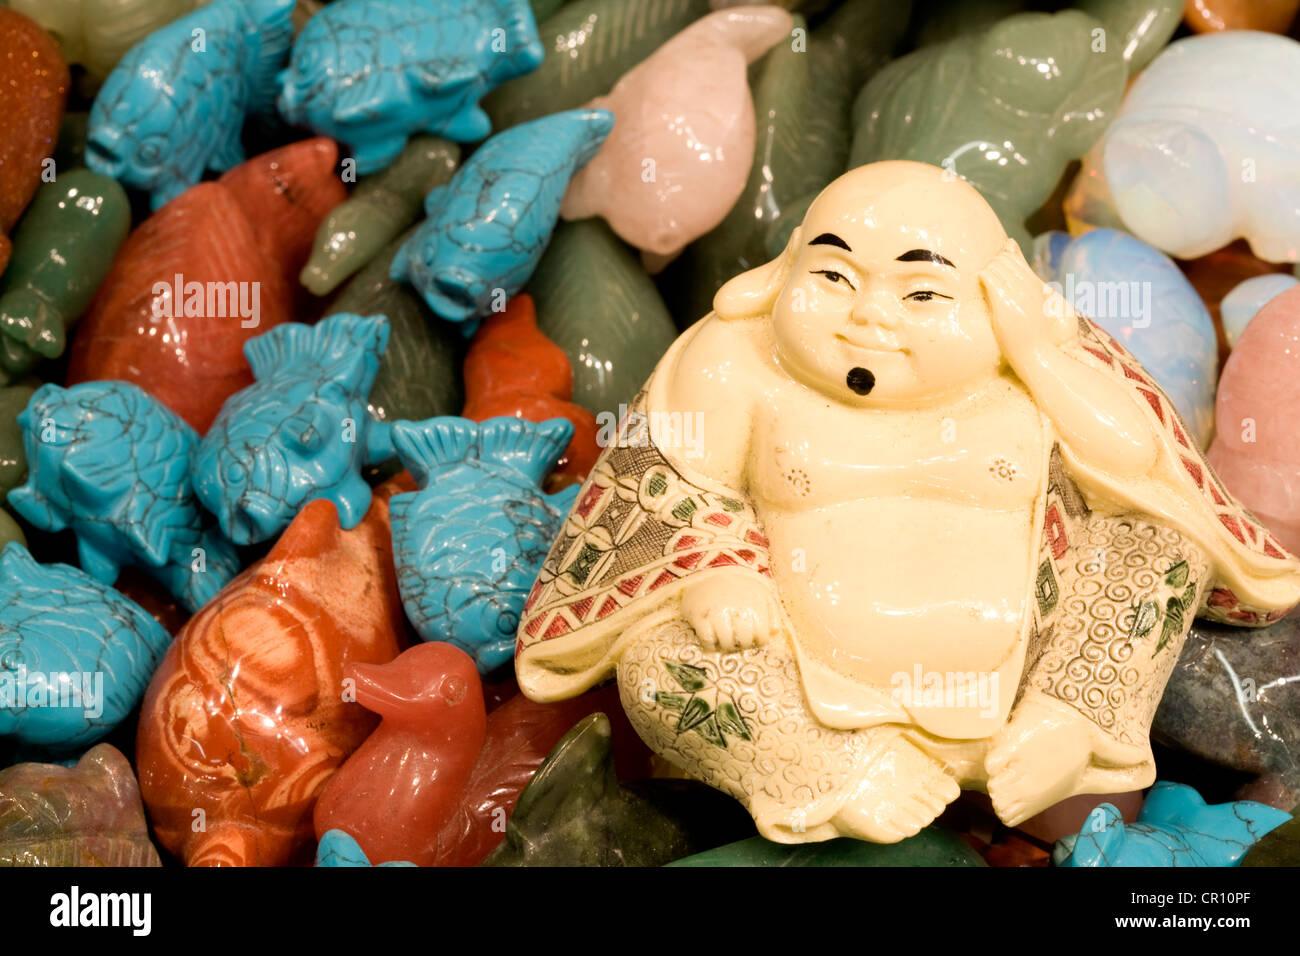 China, Hong Kong, Kowloon, Jade market, buddha - Stock Image